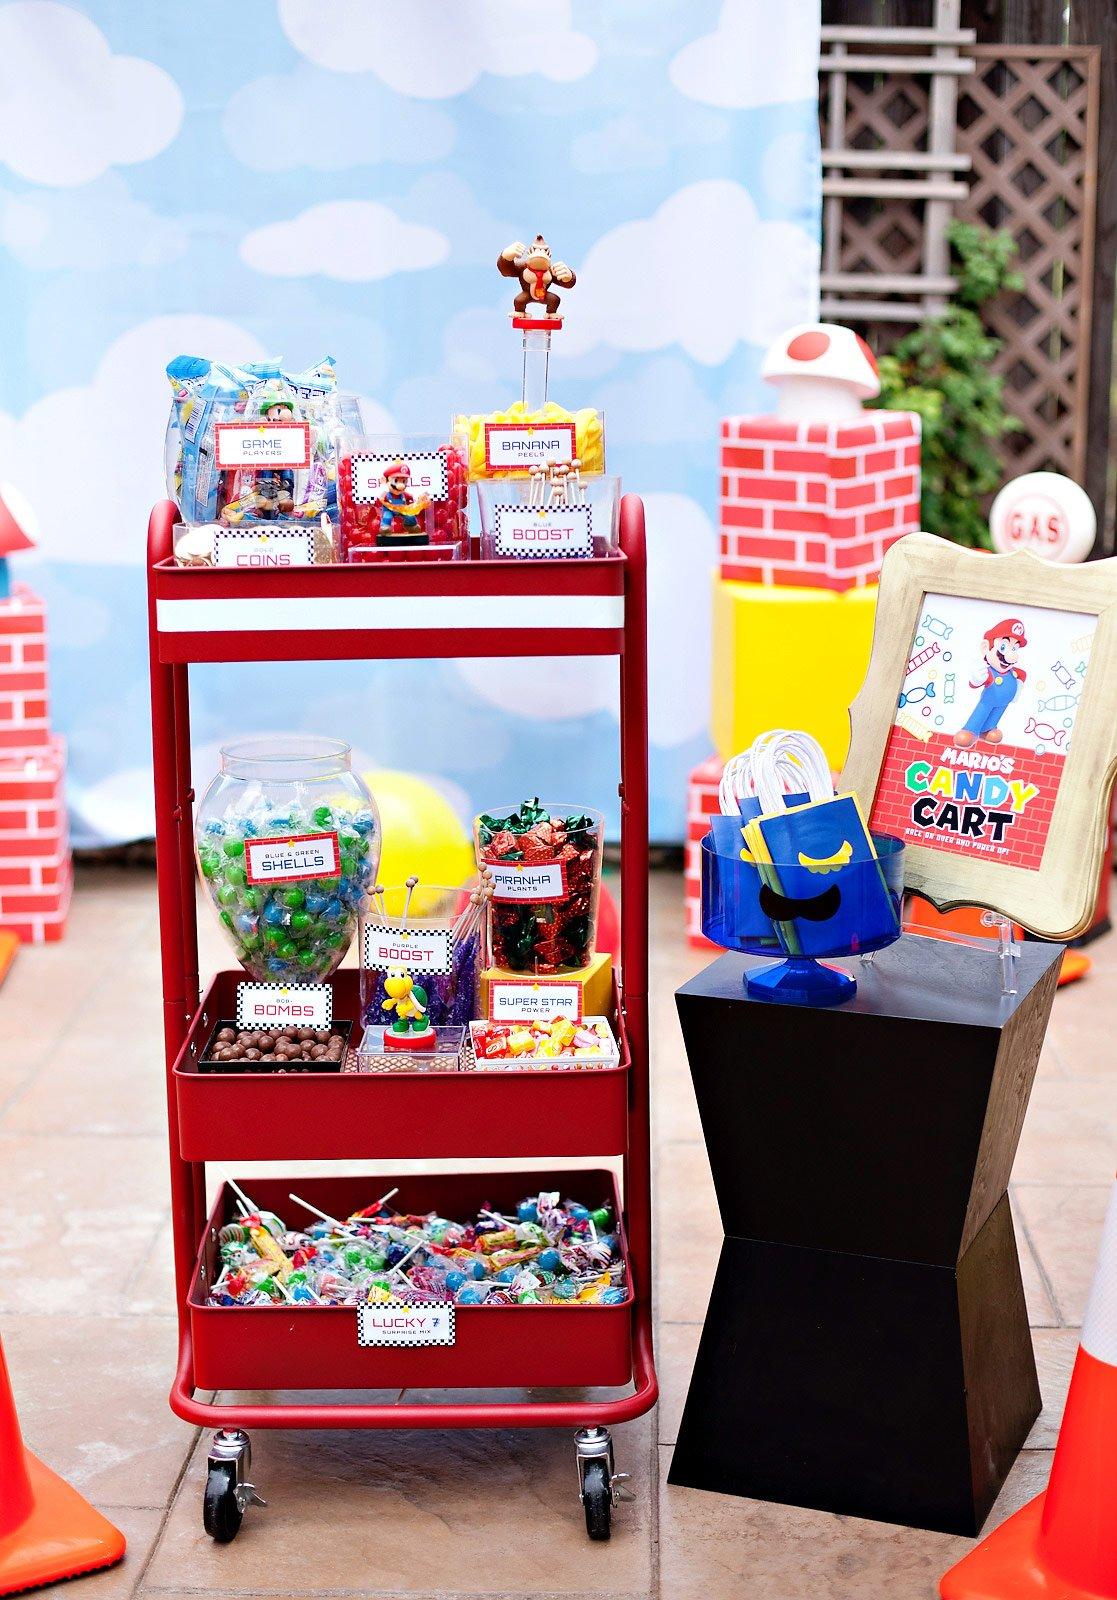 Mario's Candy Cart